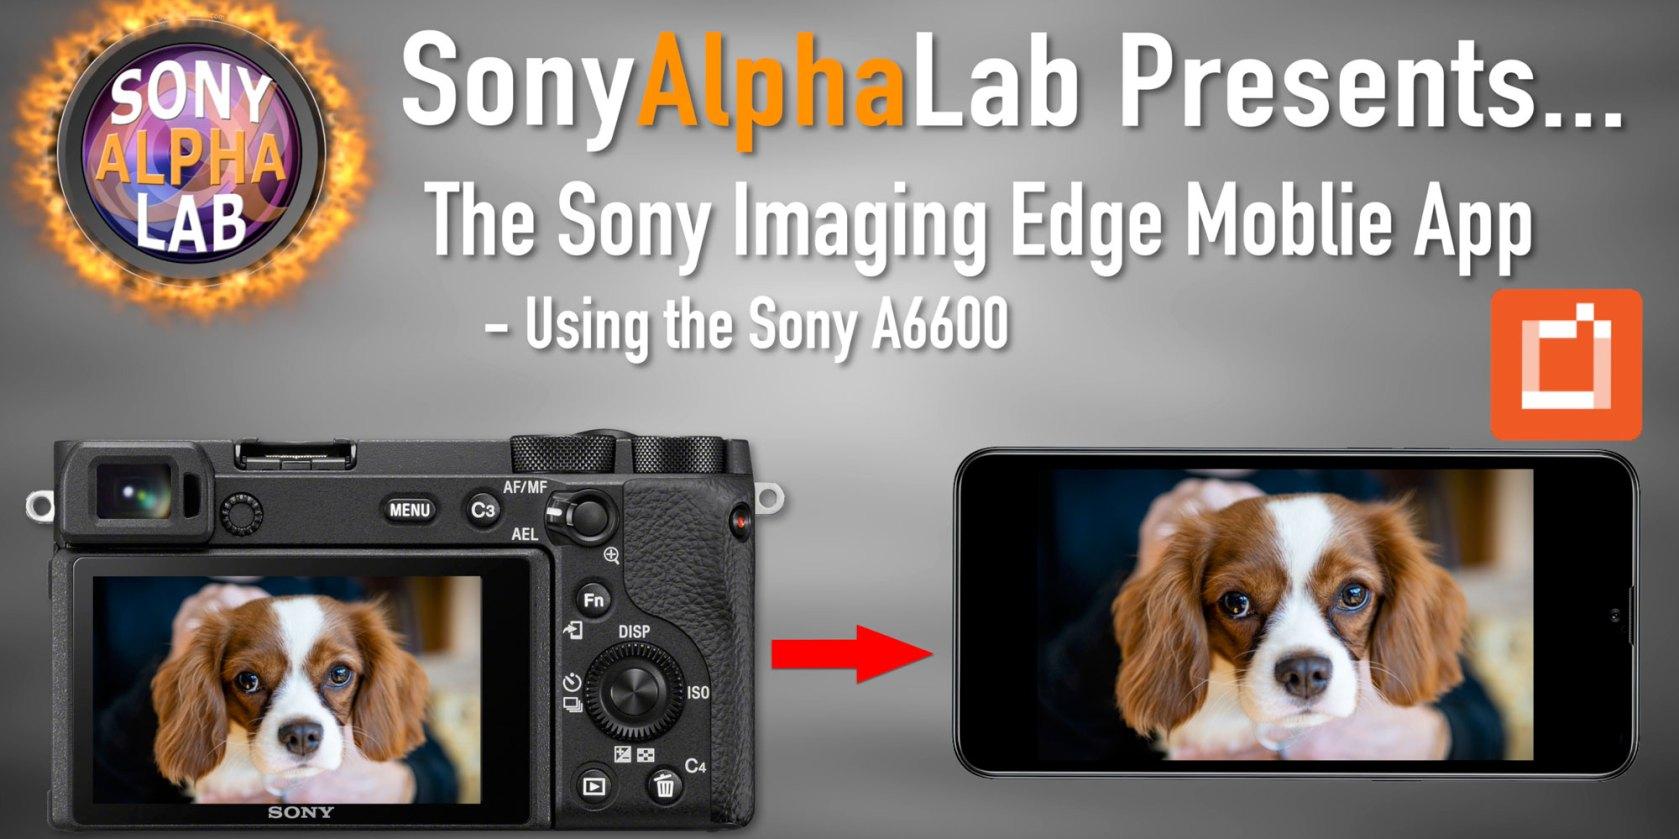 Sony Imaging Edge Mobile App Tutorial